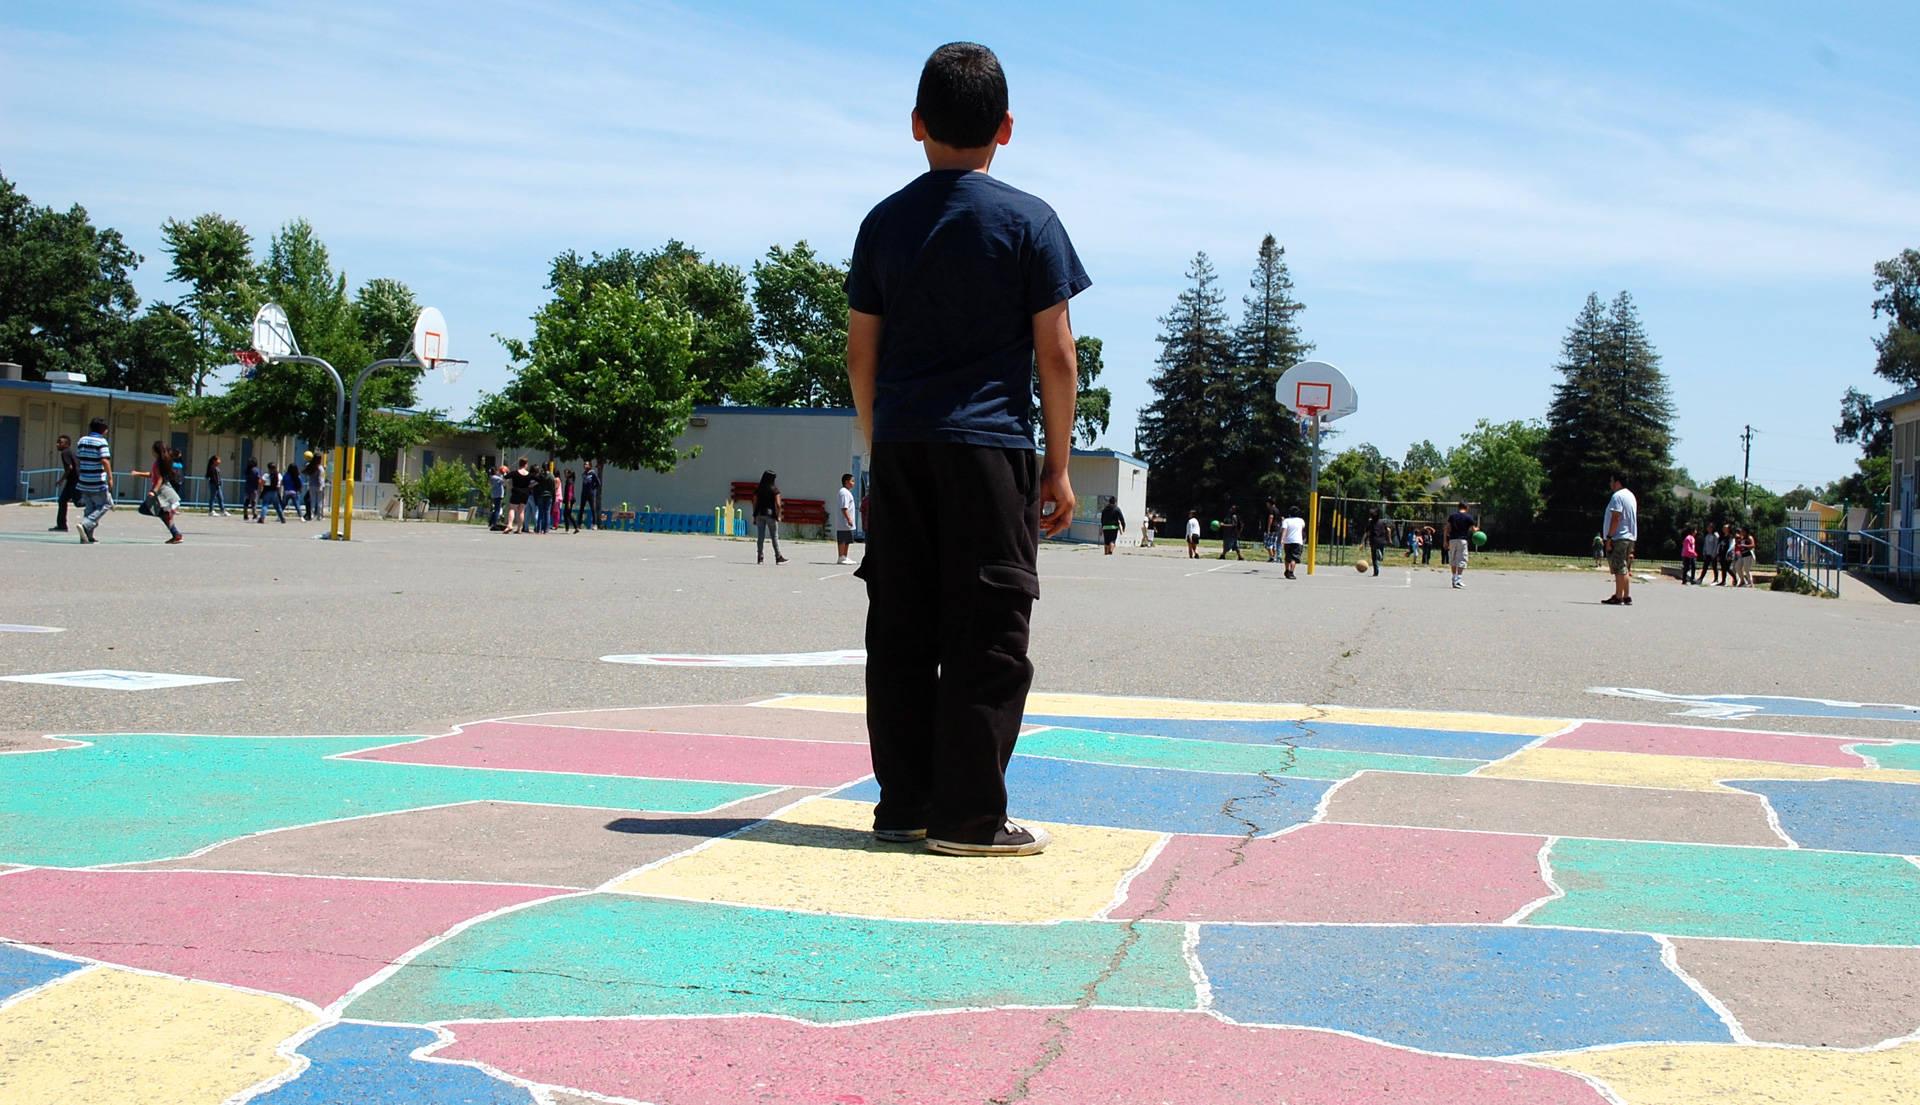 Caption: Arriba: Más de 500 estudiantes asisten a la Oak Ridge Elementary School en Sacramento. Muchos hablan el inglés como segundo idioma. Bajo la nueva manera de distribuir fondos del estado, las escuelas con altos números de tales estudiantes ahora reciben fondos adicionales para ayudar a acelerar los logros académicos.